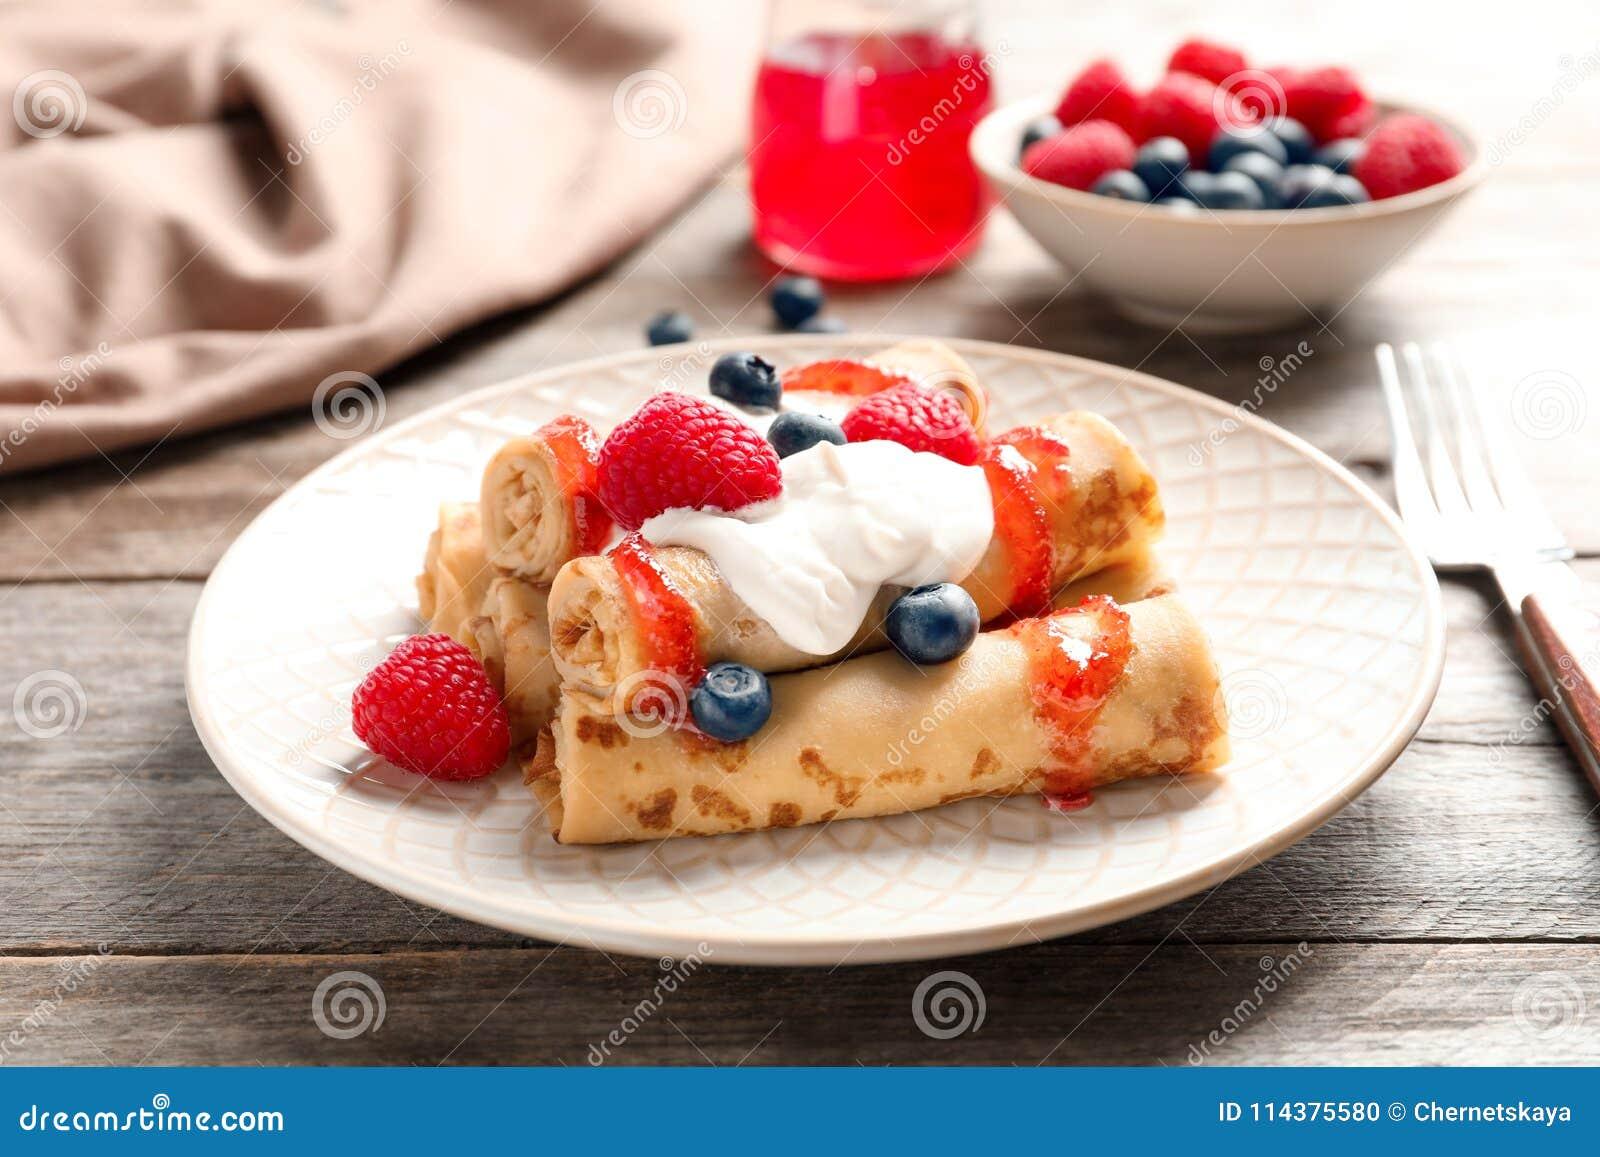 稀薄的薄煎饼服务用糖浆、奶油和莓果